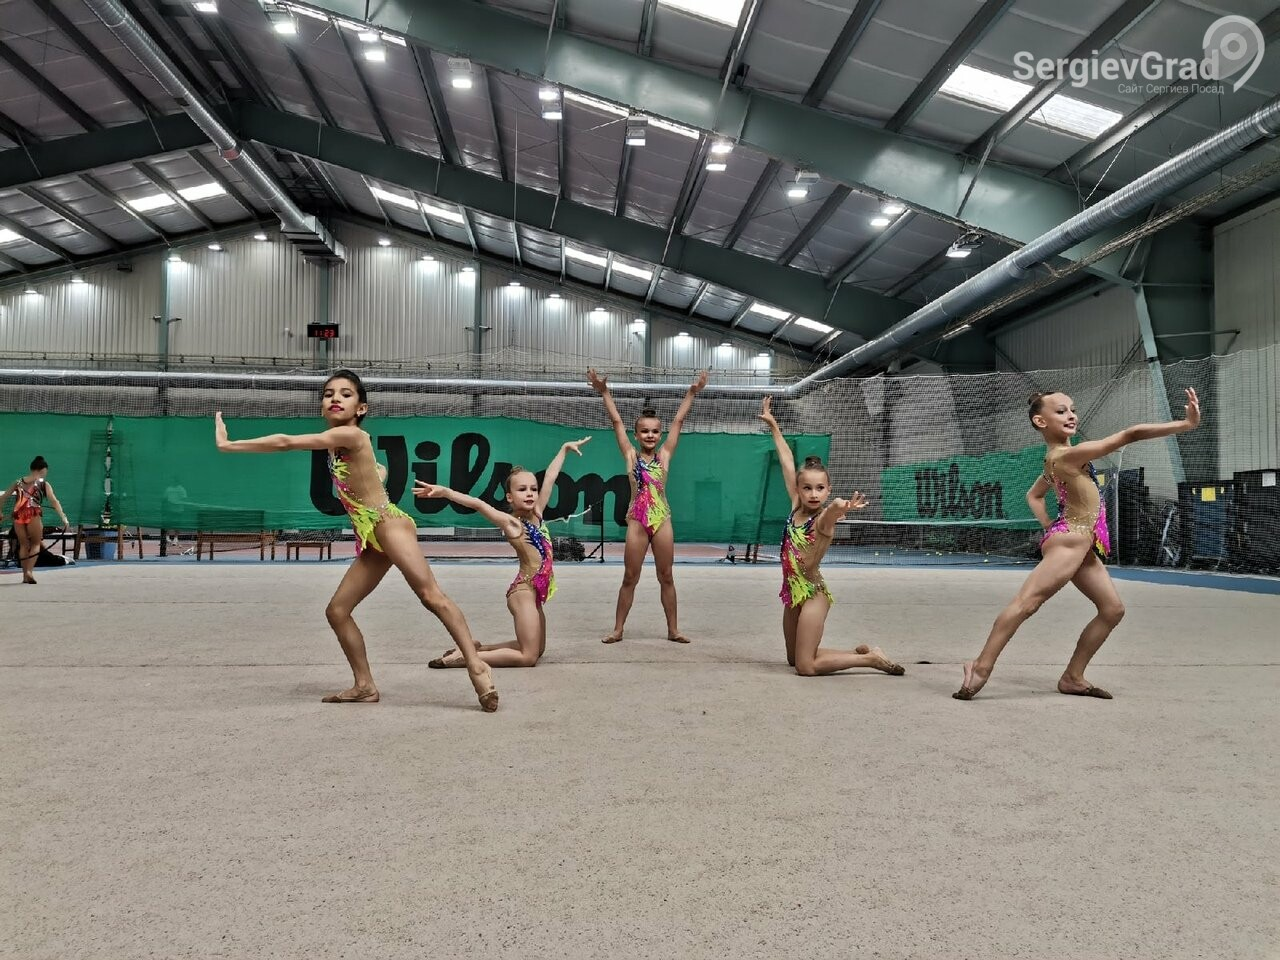 Лучший спорт для девочки – художественная гимнастика, фото-2